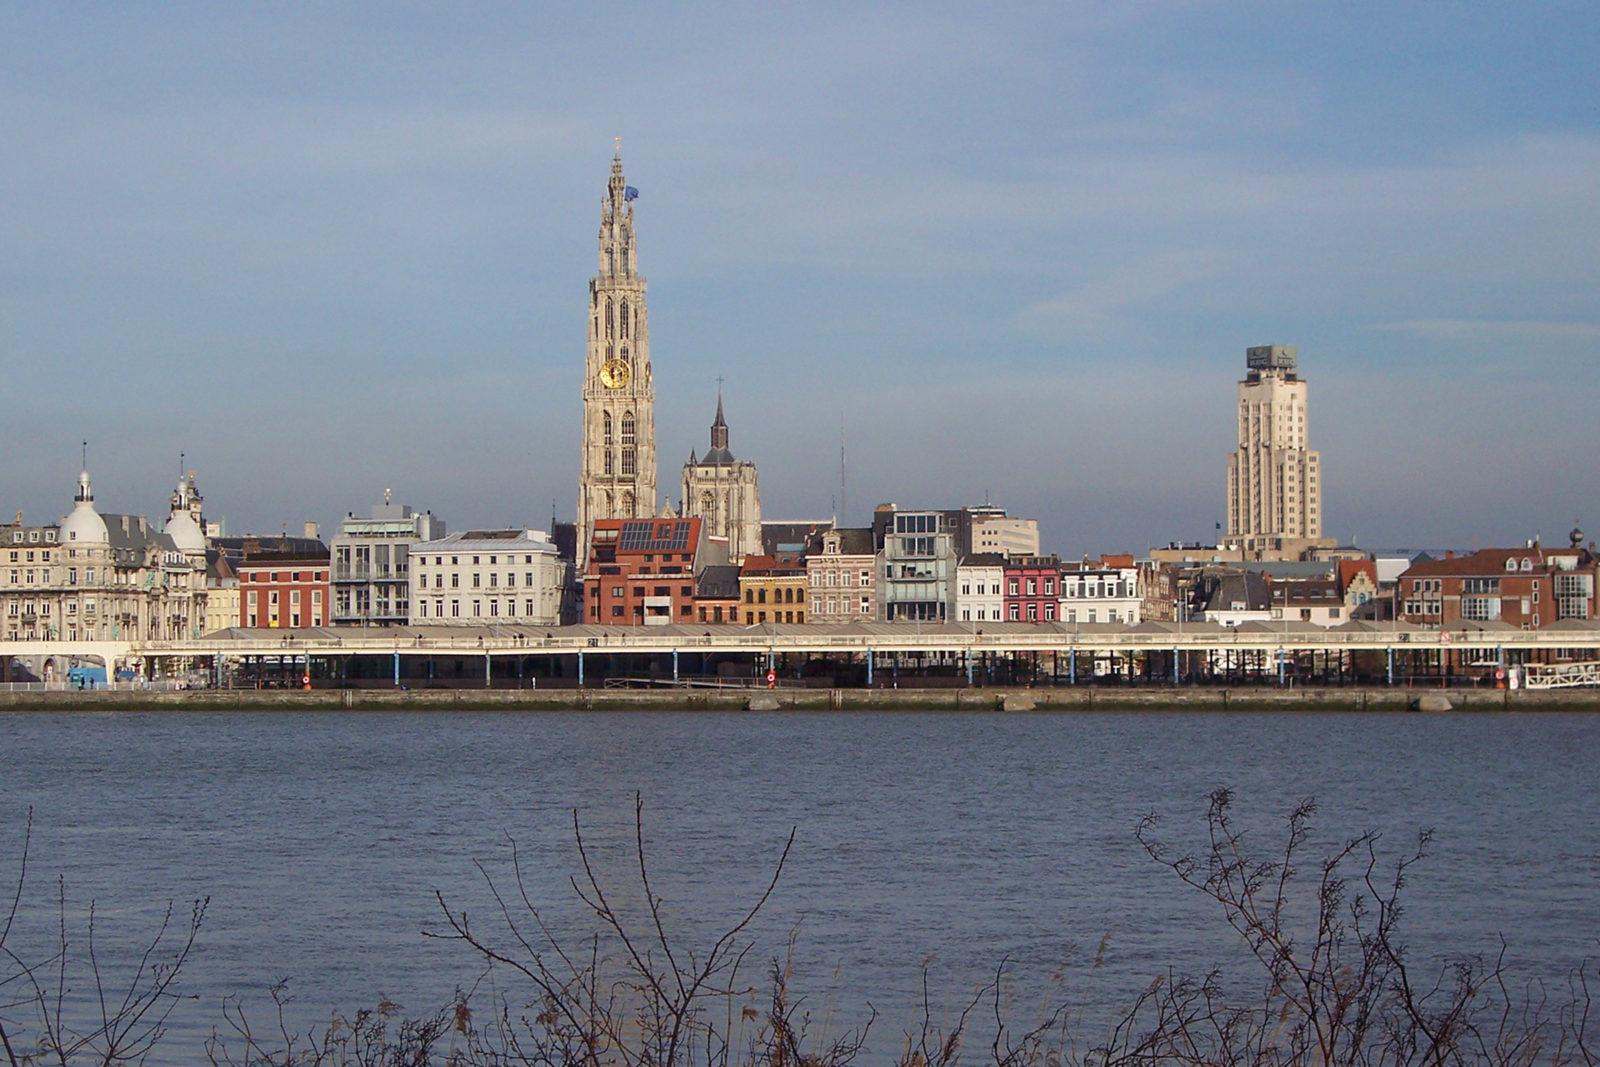 Antwerp_riverfront_april_2012